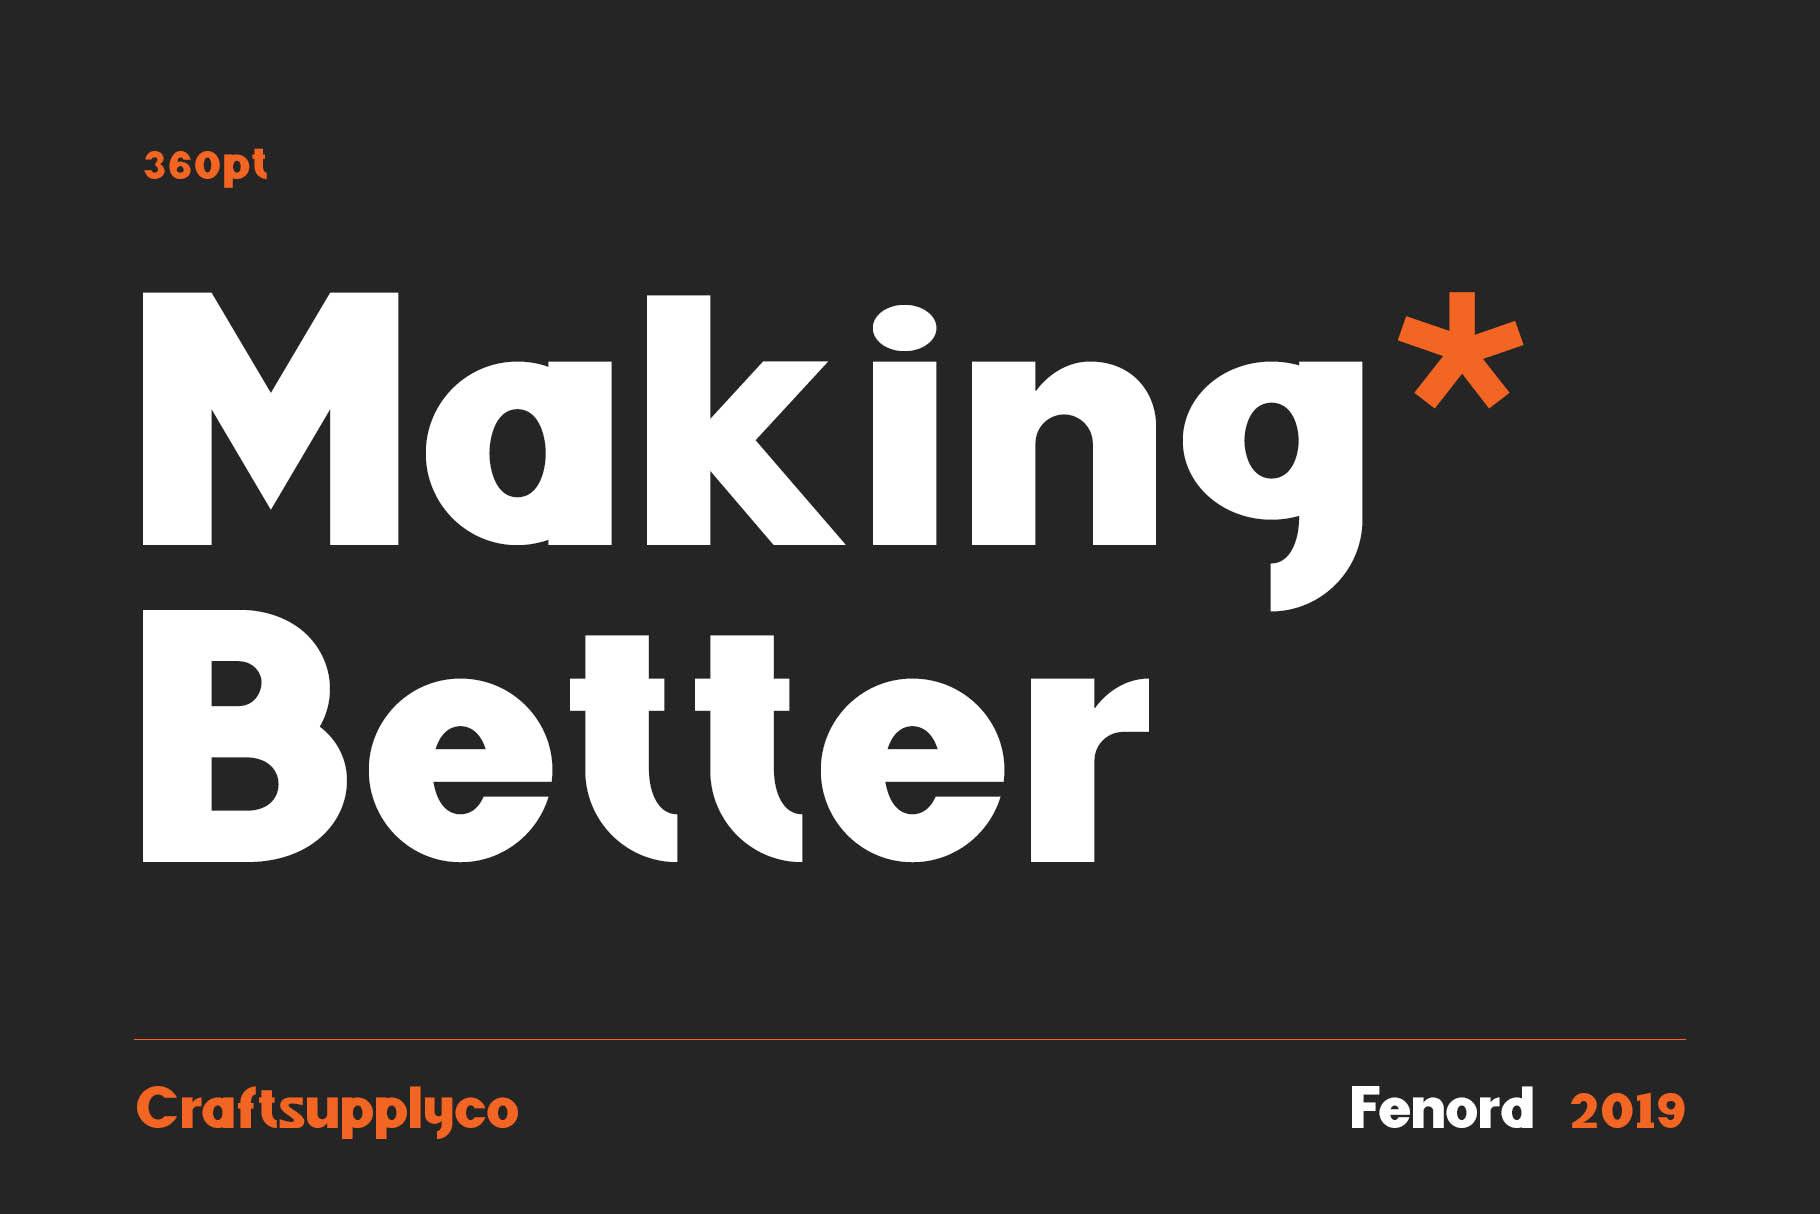 Fenord Free Font - sans-serif